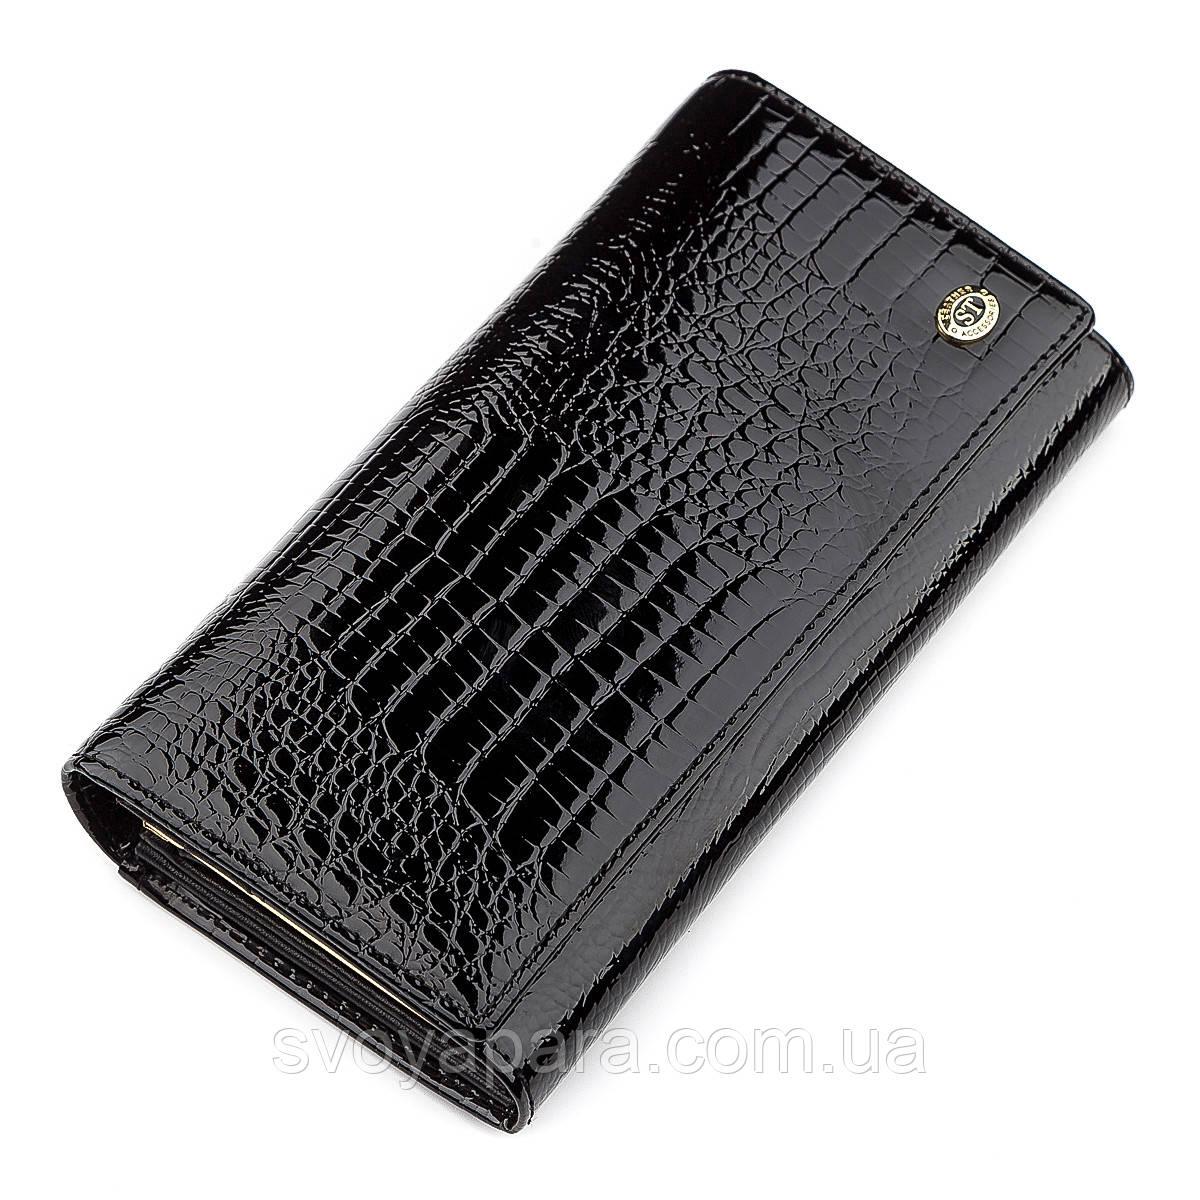 Кошелек женский ST Leather 18426 (S6001A) кожаный Черный